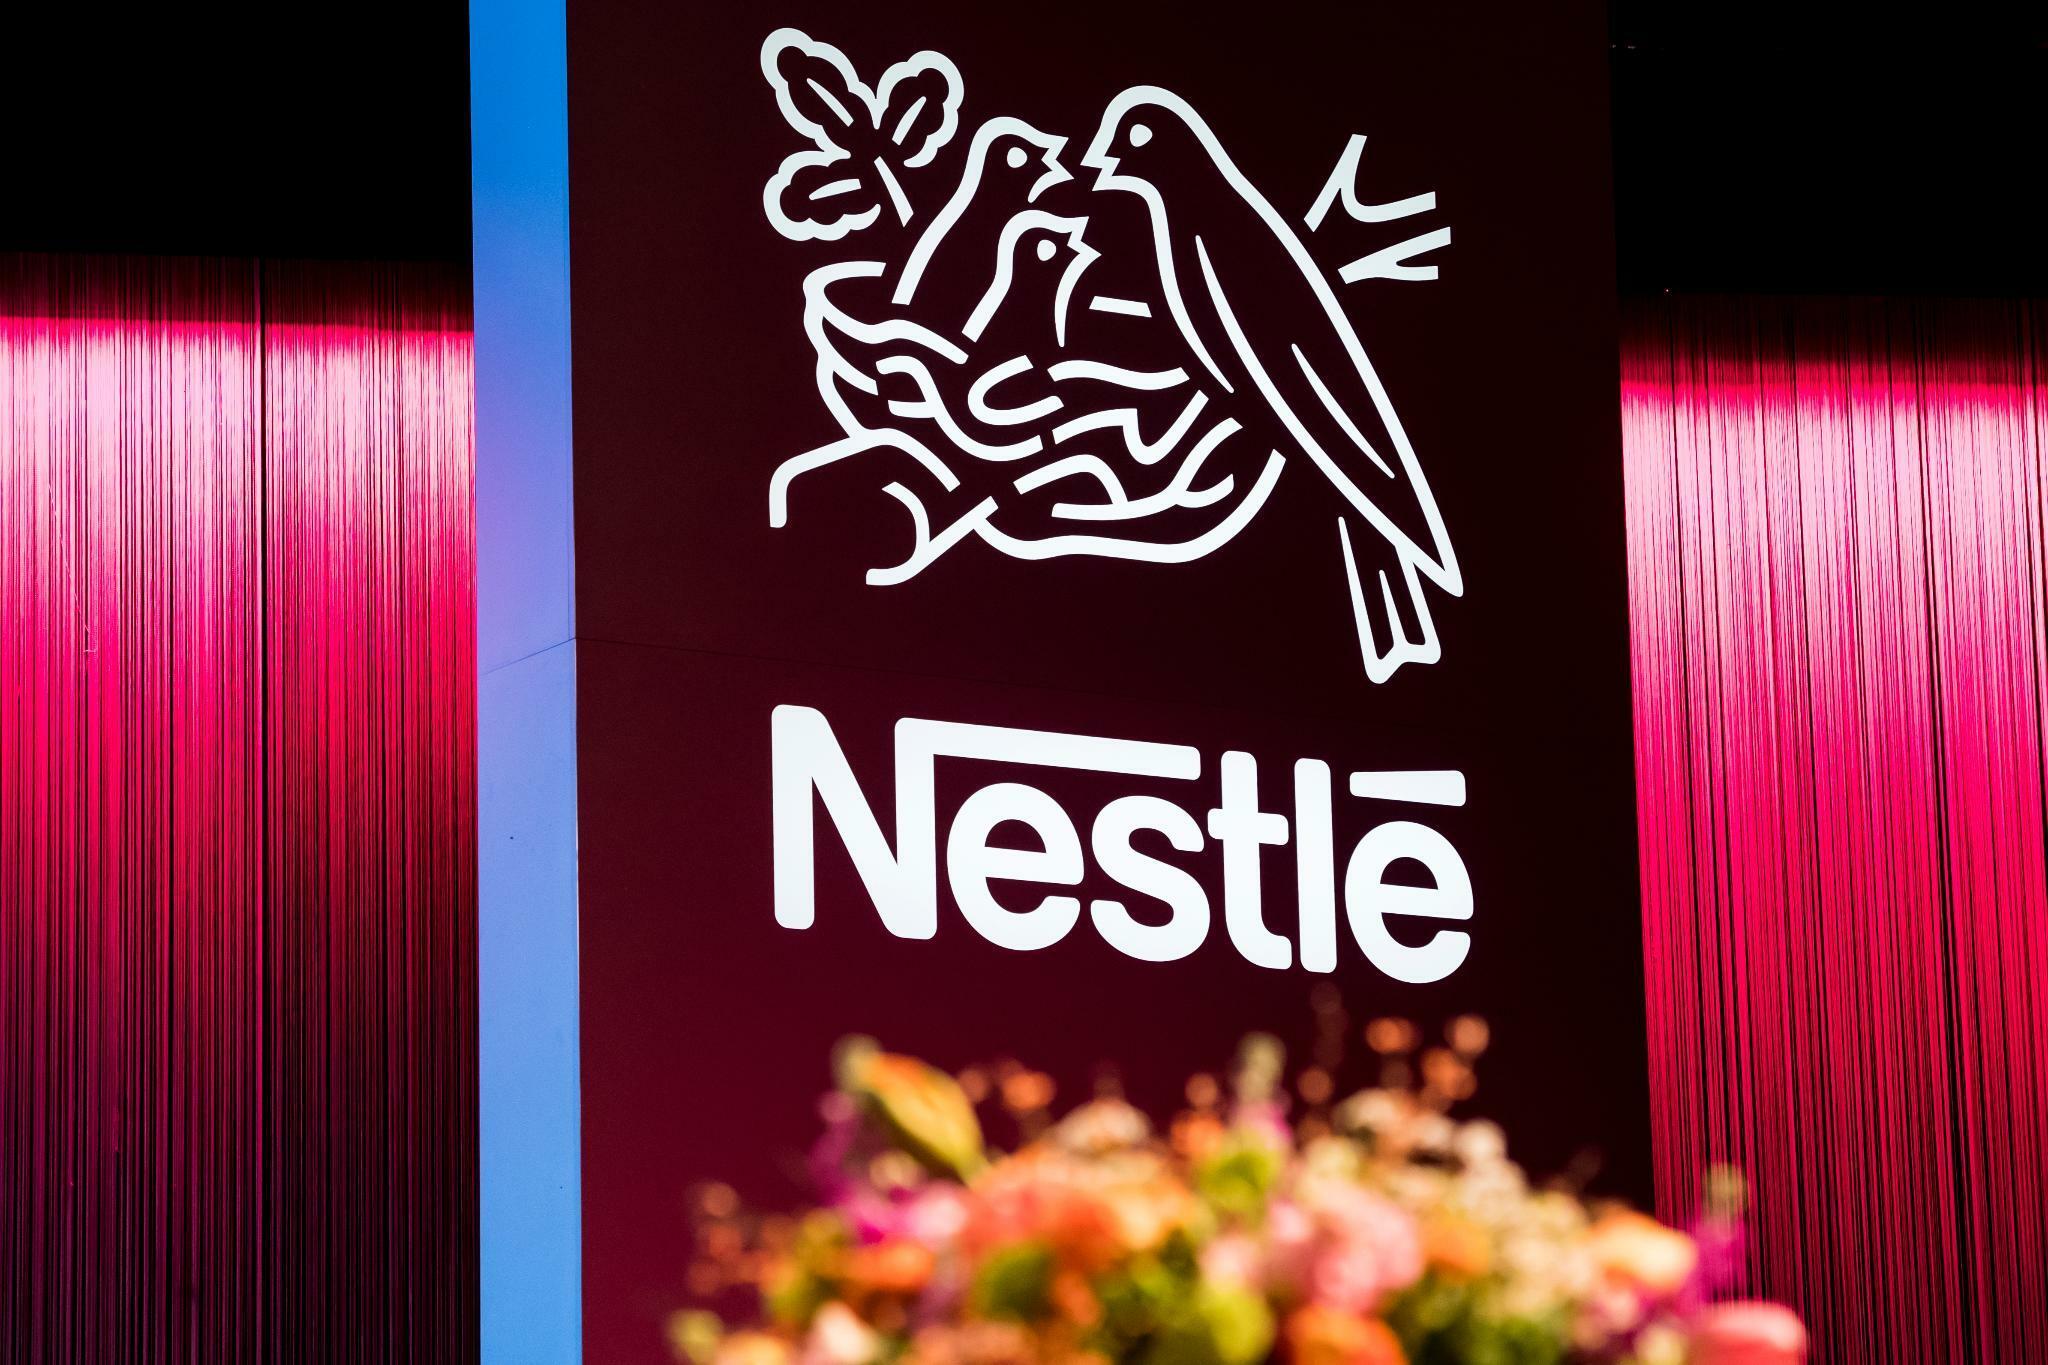 Lebensmittelkonzern: Nestle will 20 Milliarden Franken an Aktionäre ausschütten